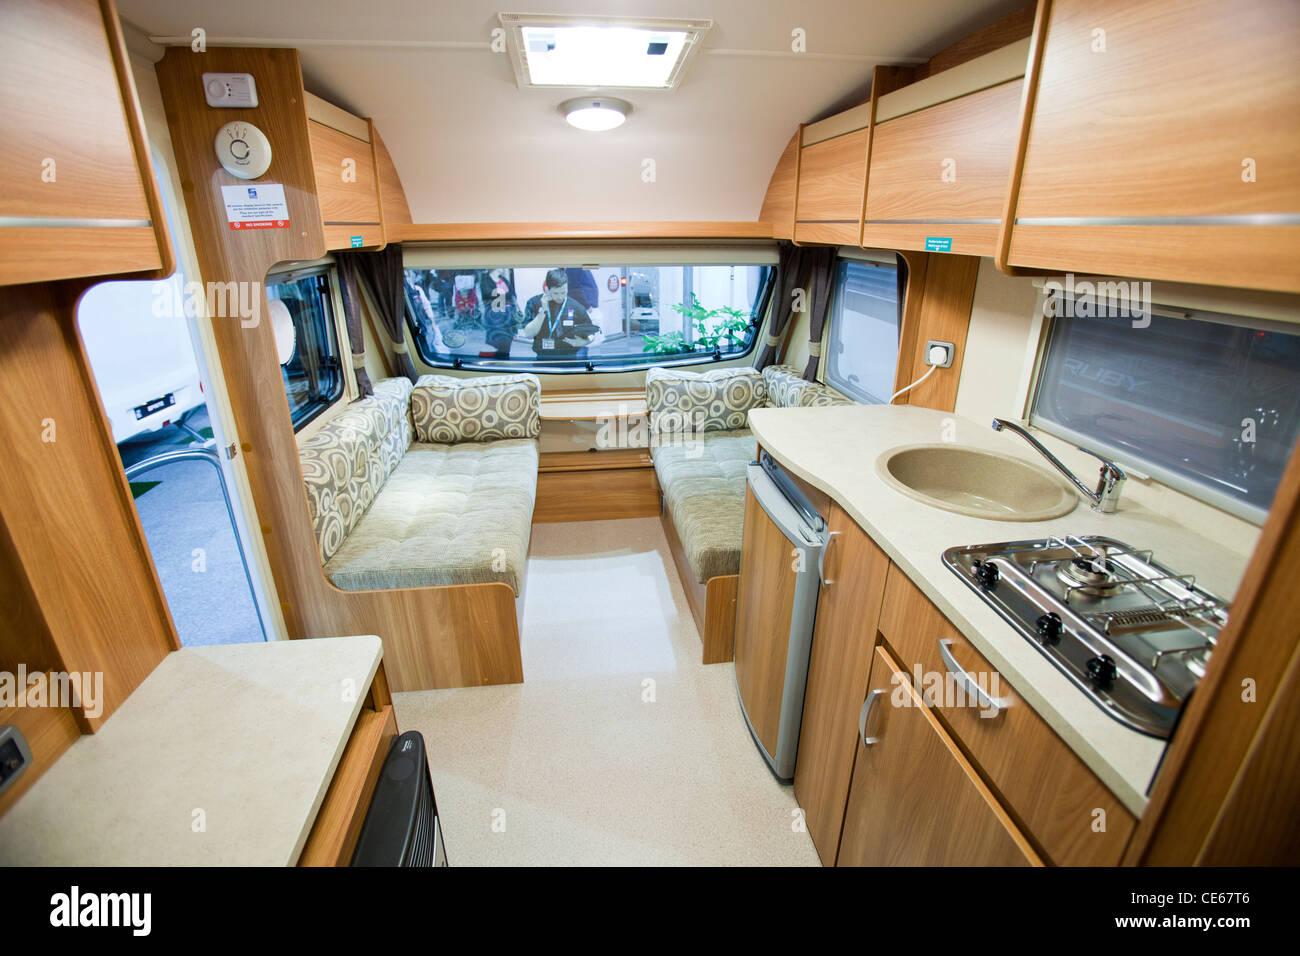 Una caravana interior en la caravana y motor home show en - Interior caravana ...